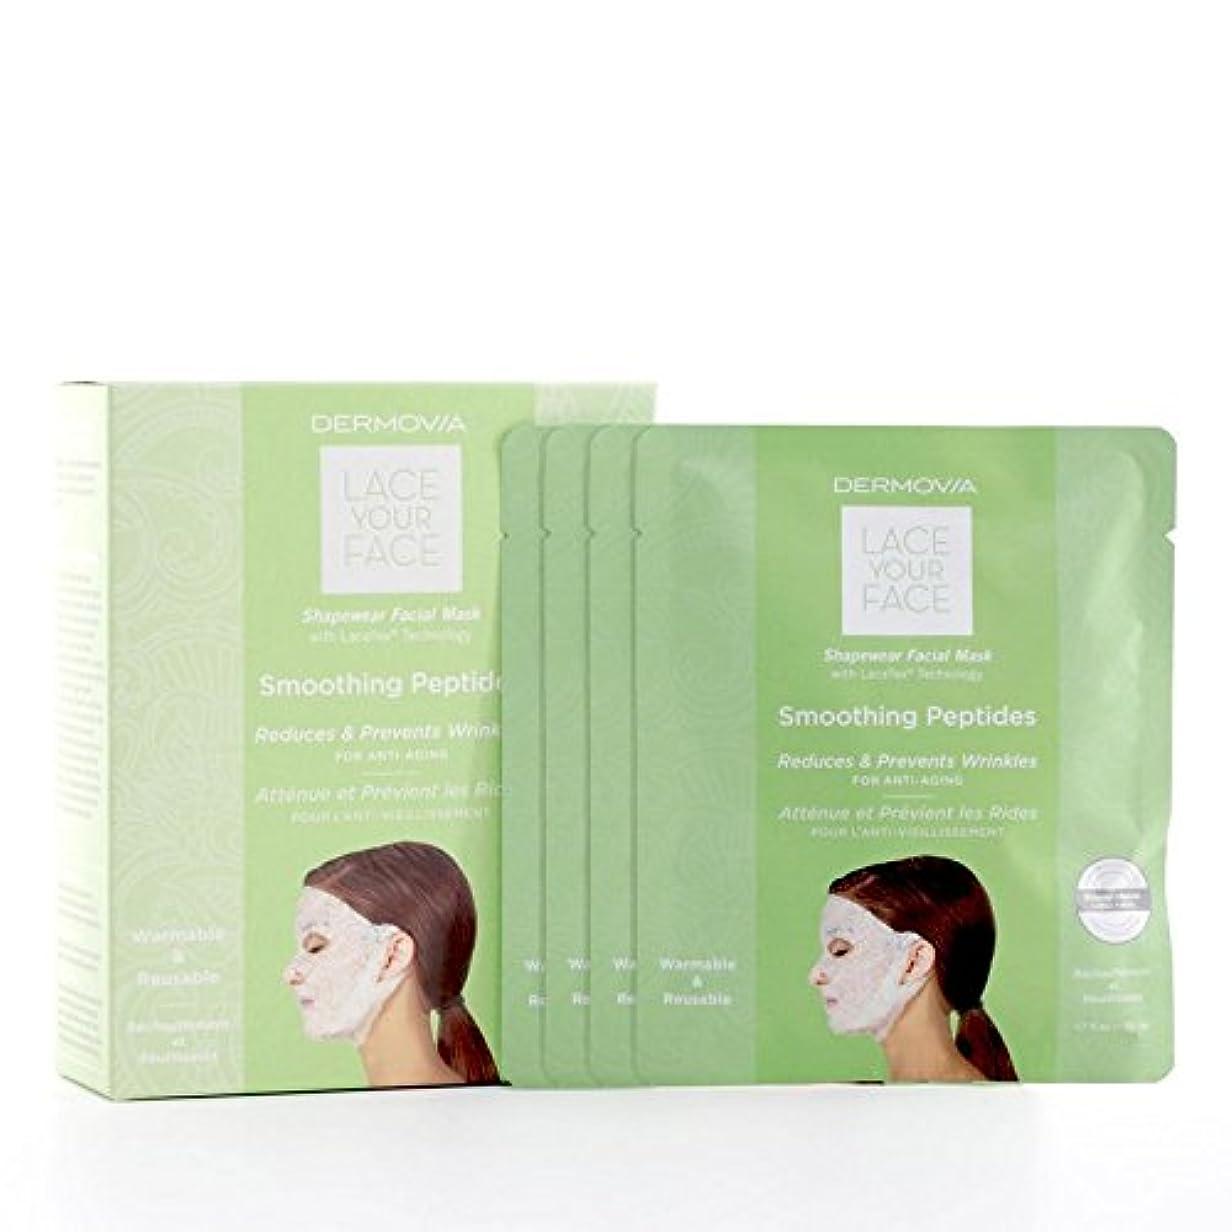 セブン反乱色合いは、あなたの顔の圧縮フェイシャルマスク平滑化ペプチドをひもで締めます x2 - Dermovia Lace Your Face Compression Facial Mask Smoothing Peptides (Pack...